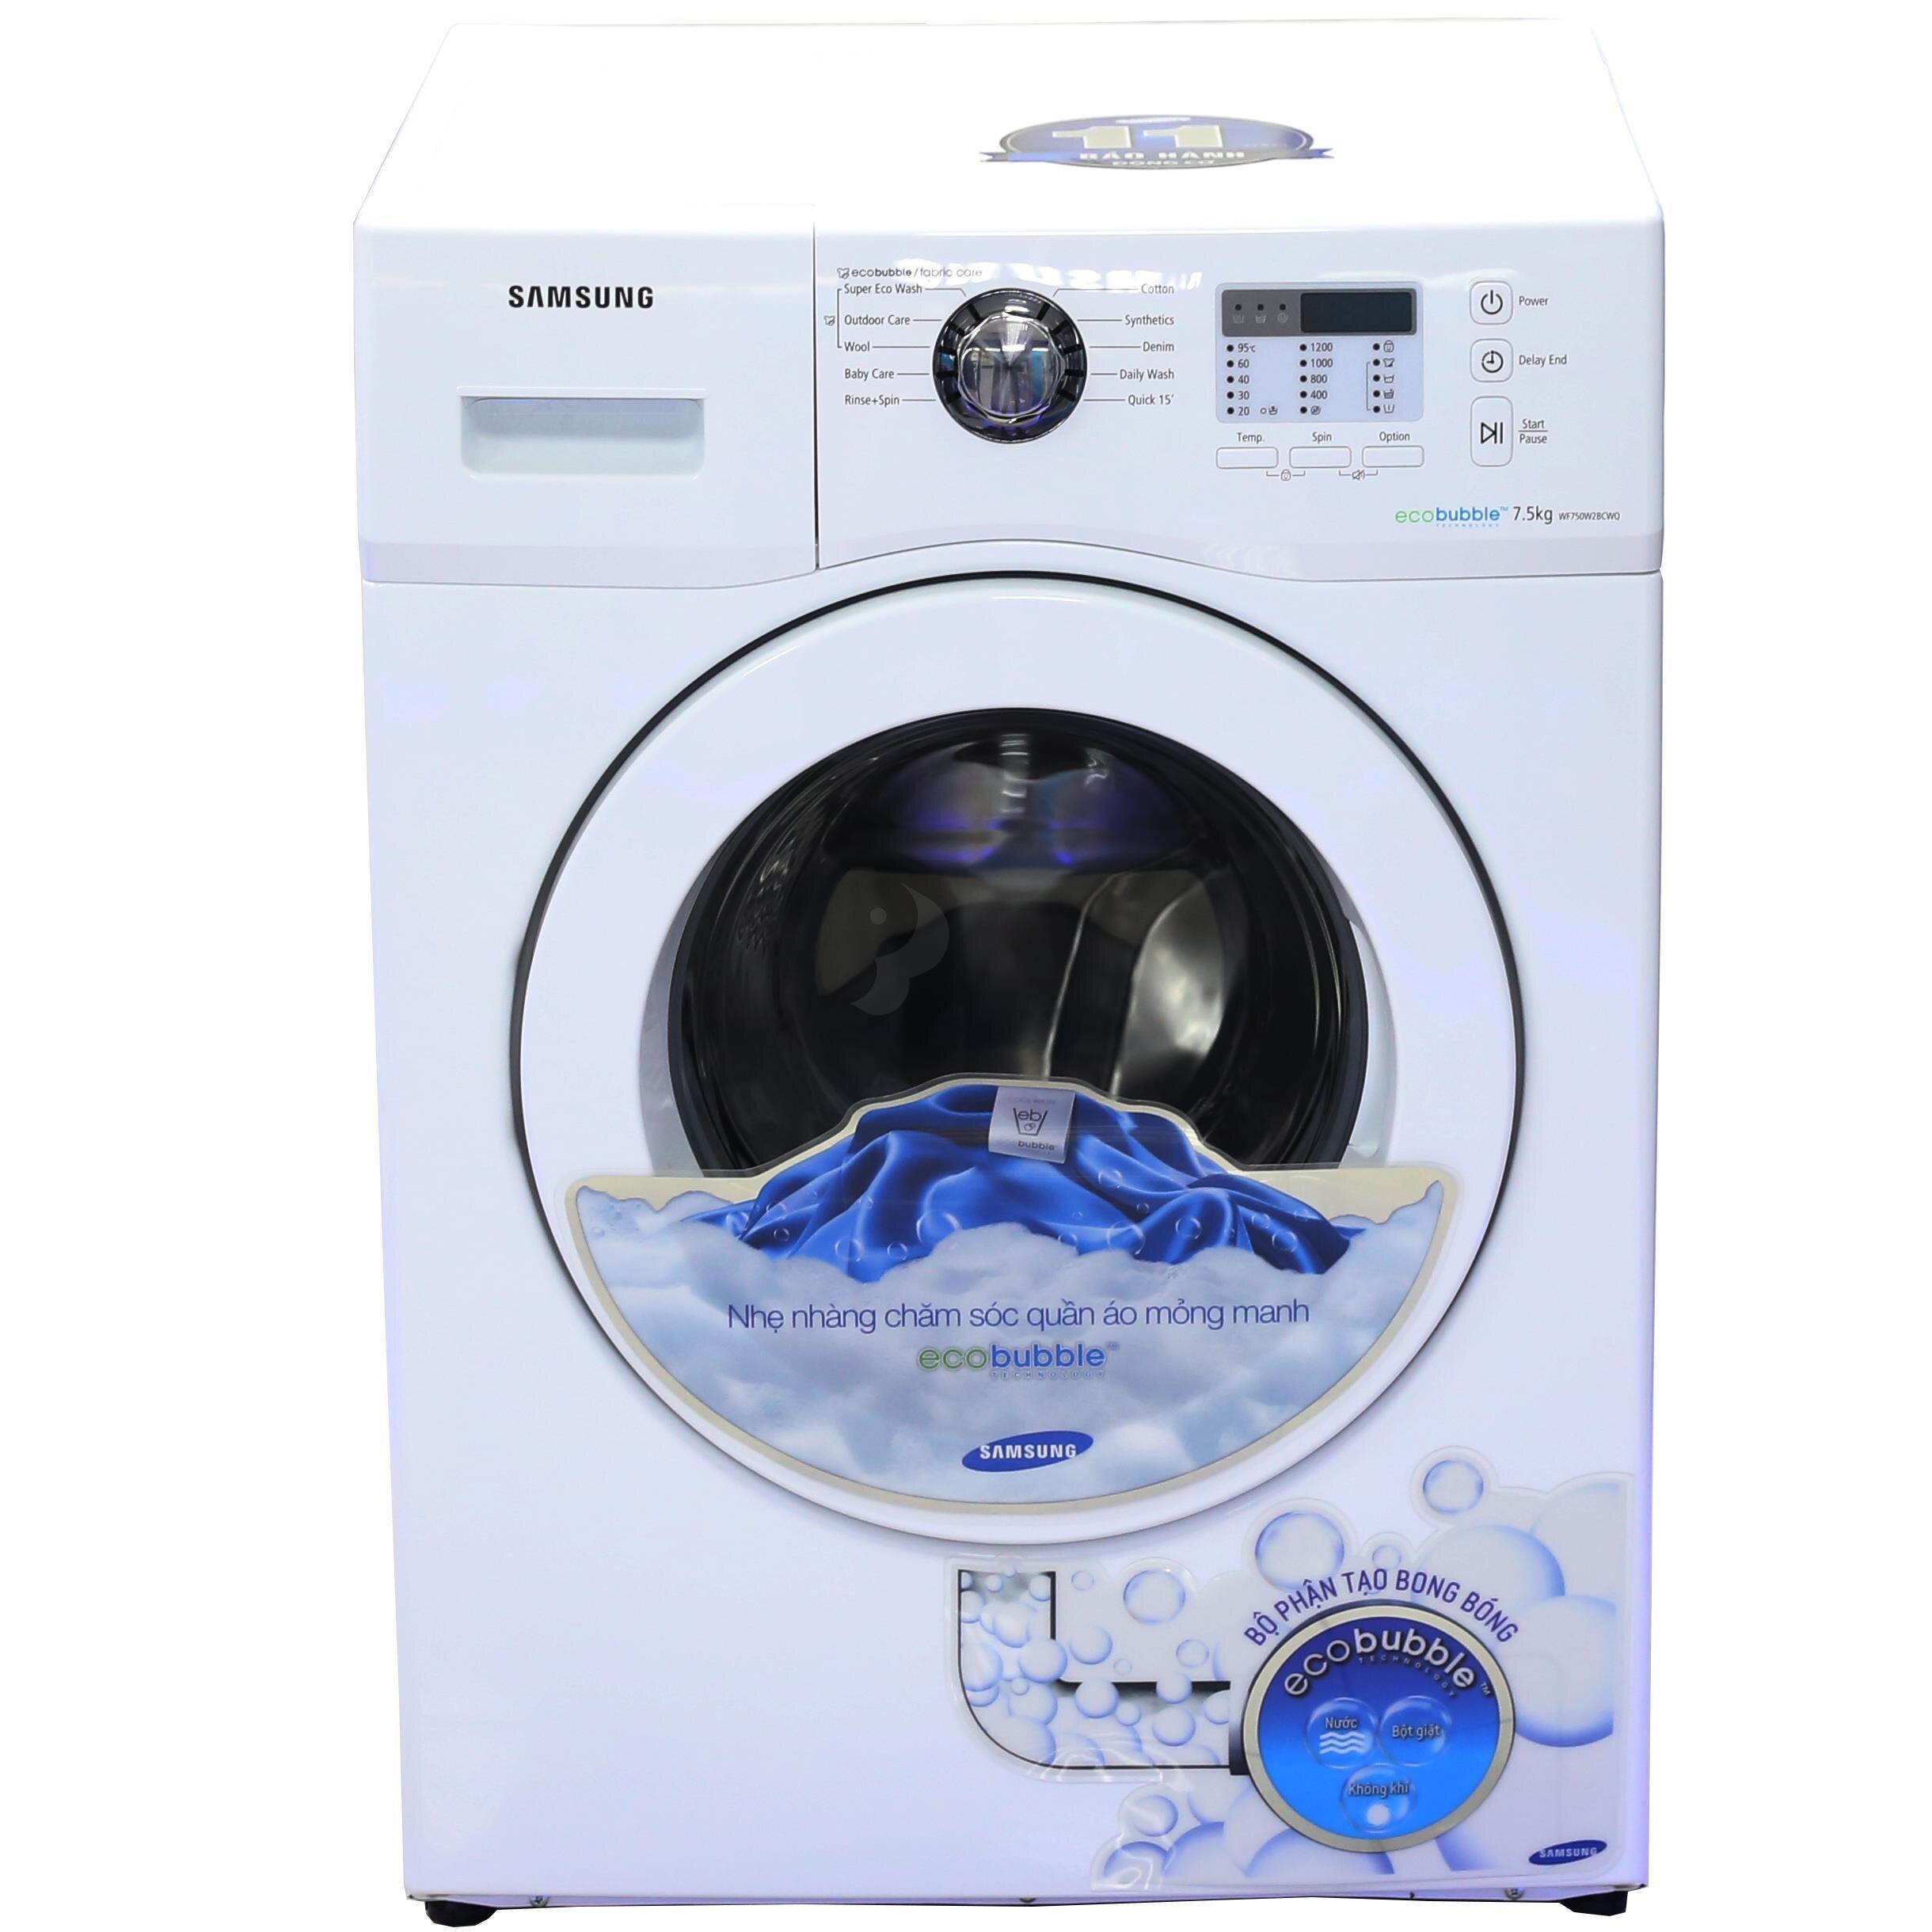 Máy giặt Samsung 9kg lồng ngang có giá bao nhiêu tiền ?